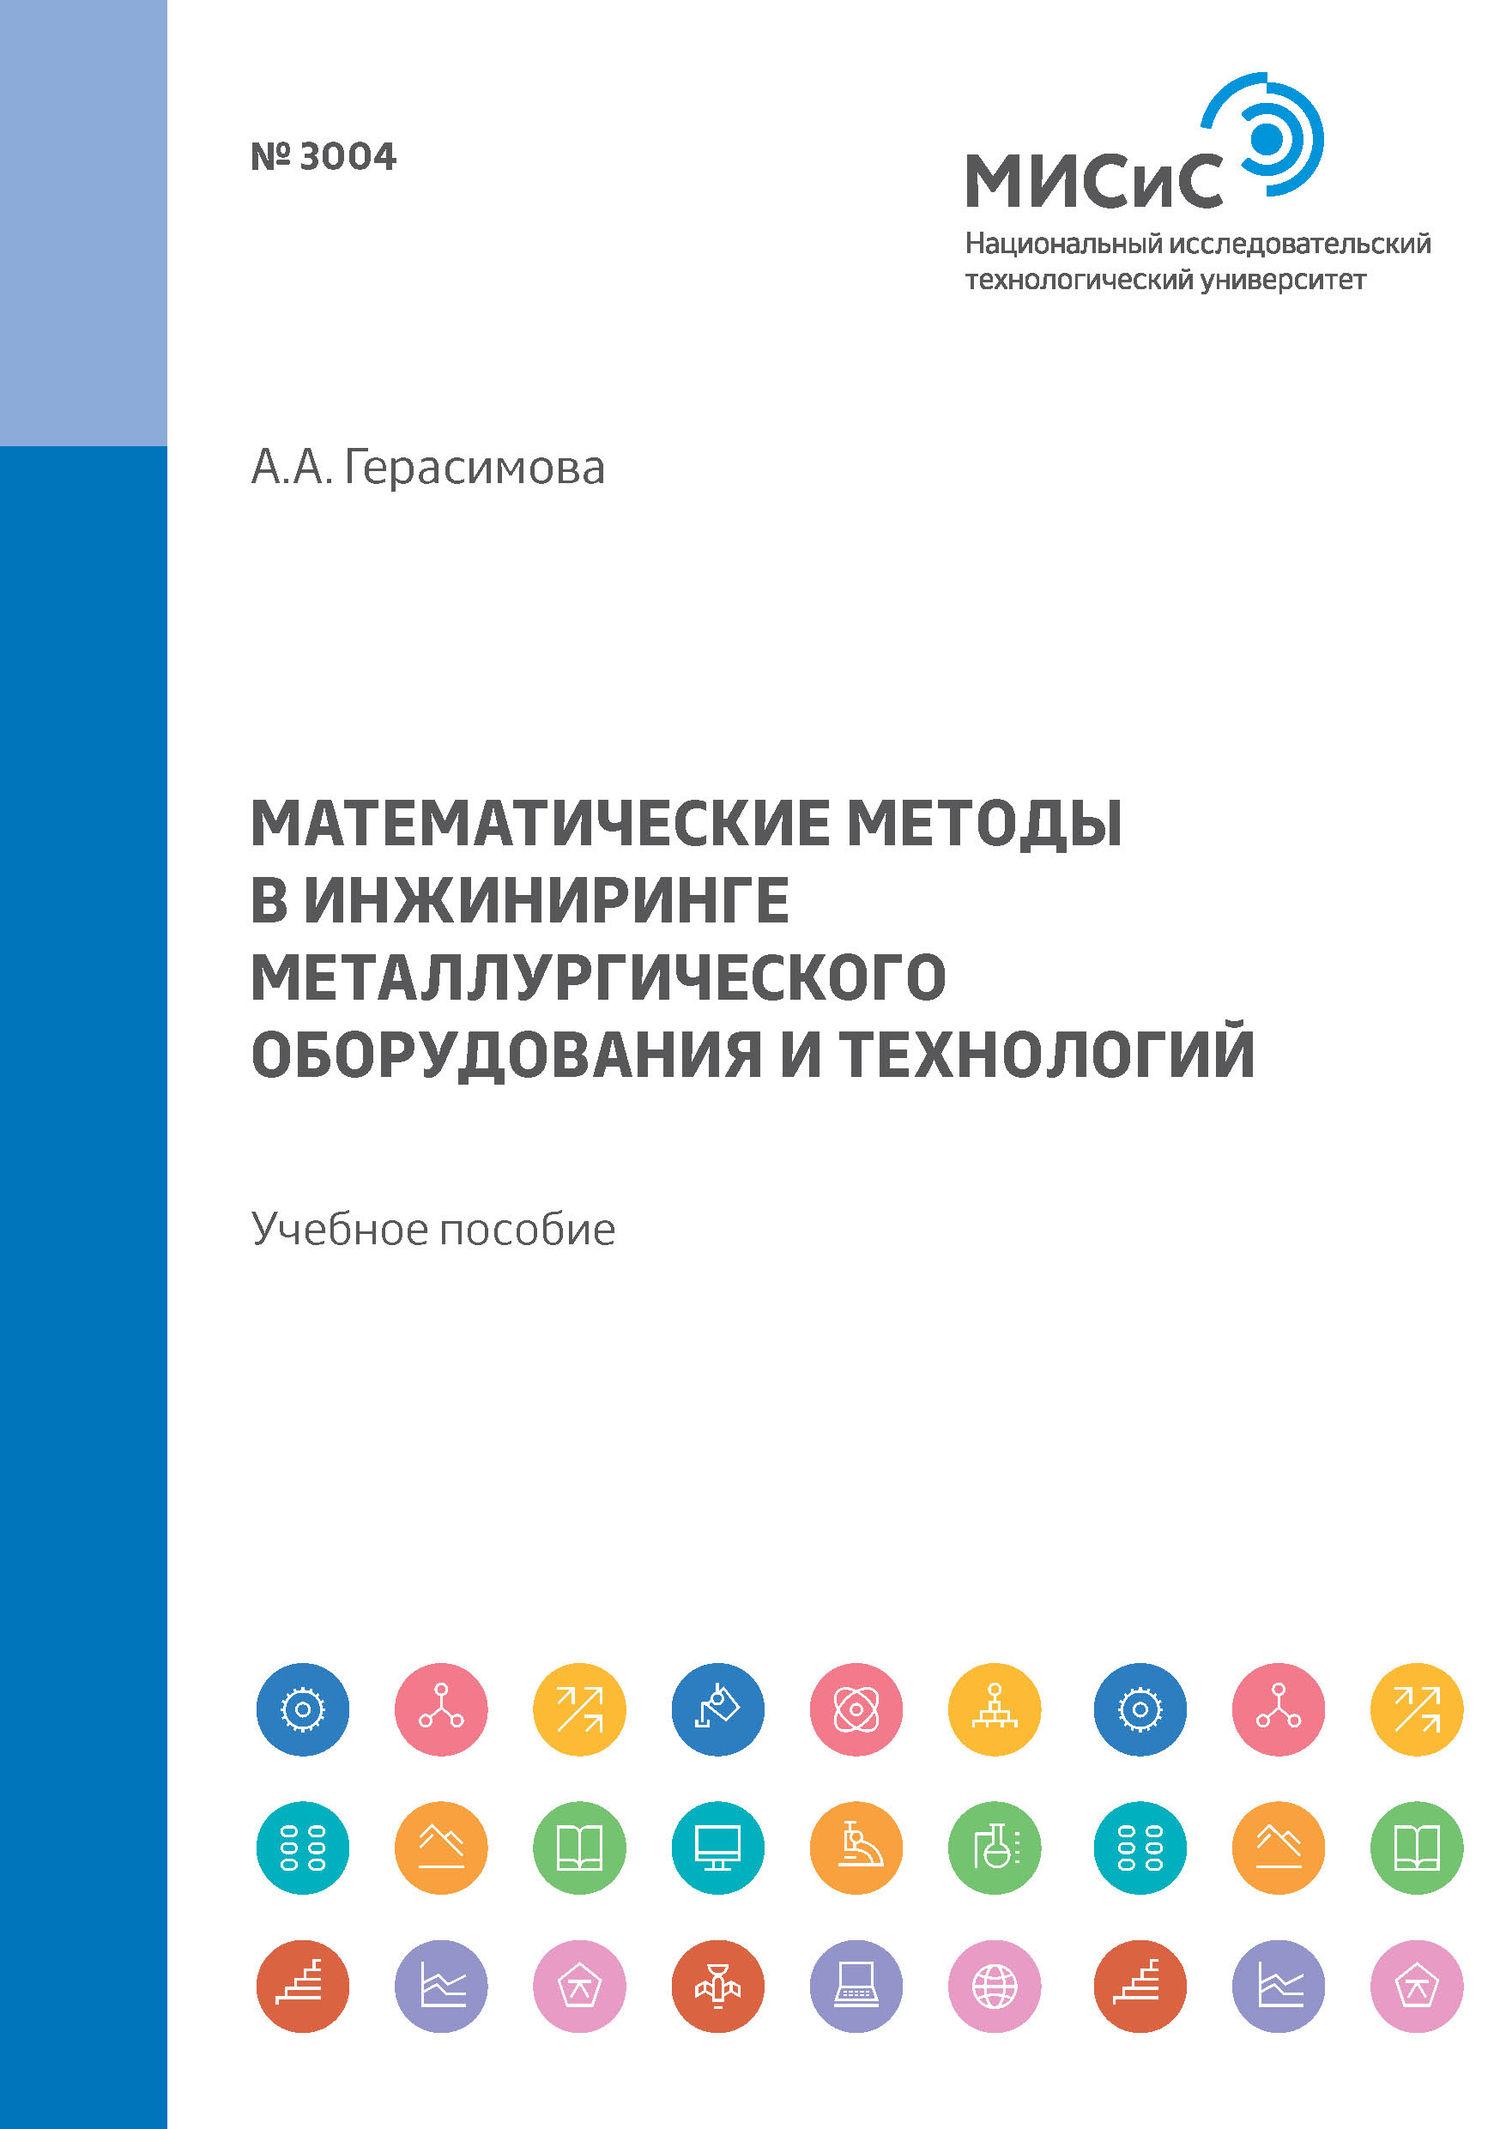 А. А. Герасимова Математические методы в инжиниринге металлургического оборудования и технологий. Учебное пособие